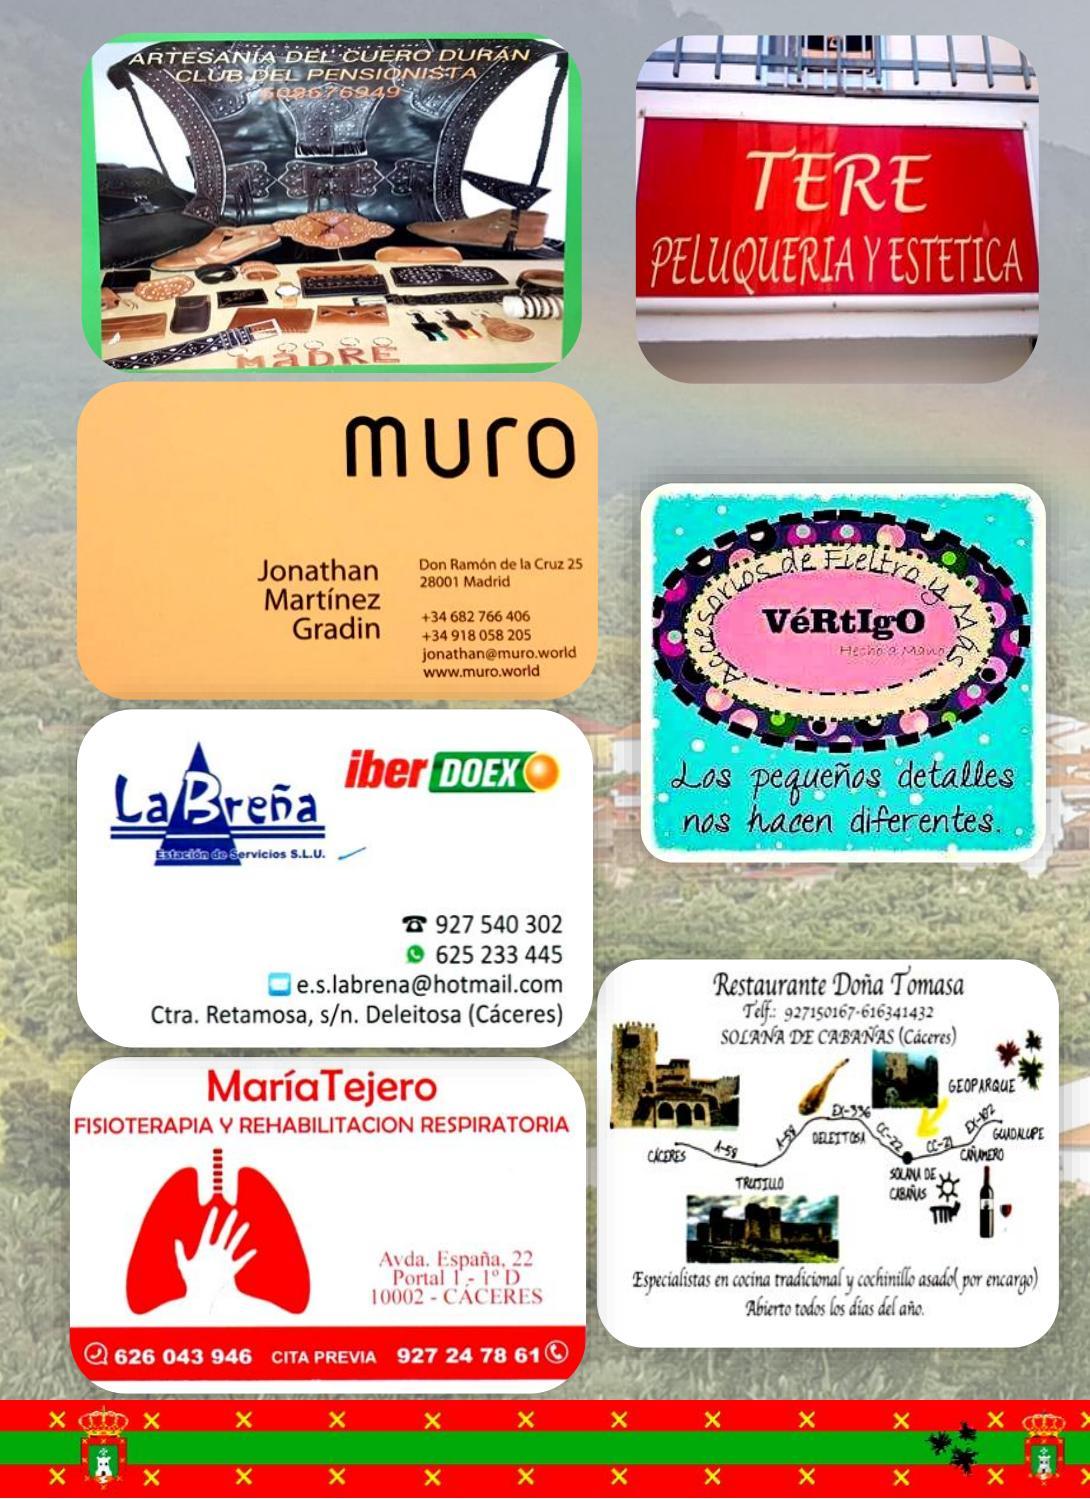 Programa de fiestas en honor a San Fulgencio y Santa Florentina 2018 - Berzocana 16